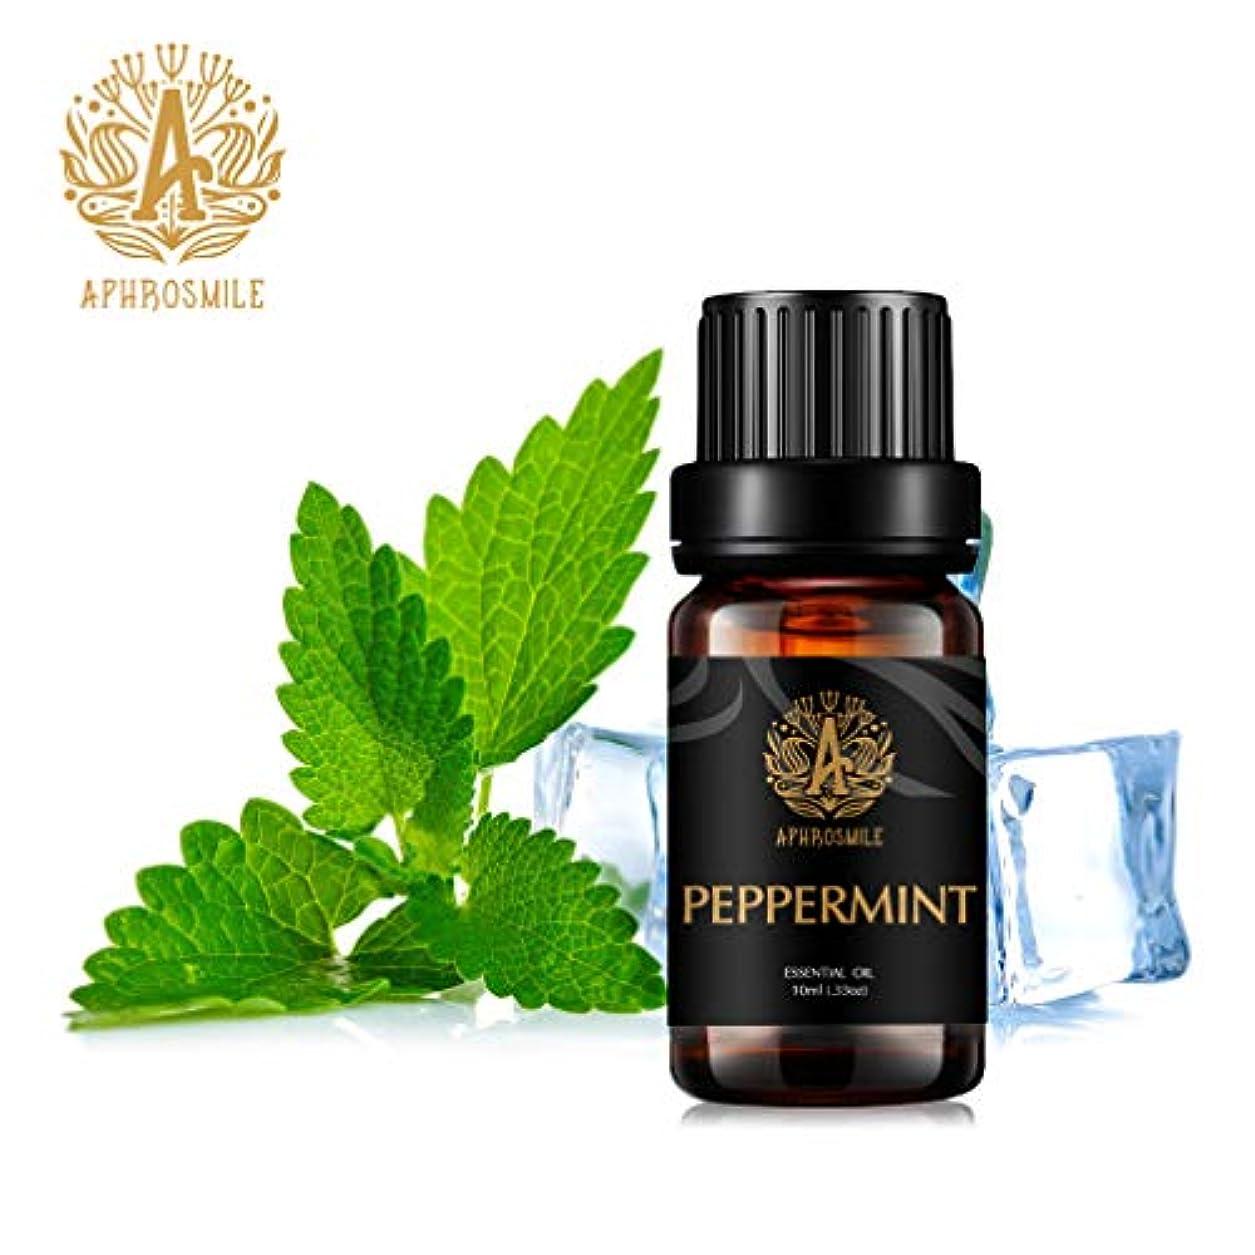 抱擁必要とするうんざりペパーミントの精油、100%純粋なアロマセラピーエッセンシャルオイルペパーミントの香り、明確な思考と、治療用グレードエッセンシャルオイルペパーミントの香り為にディフューザー、マッサージ、加湿器、デイリーケア、0.33オンス...